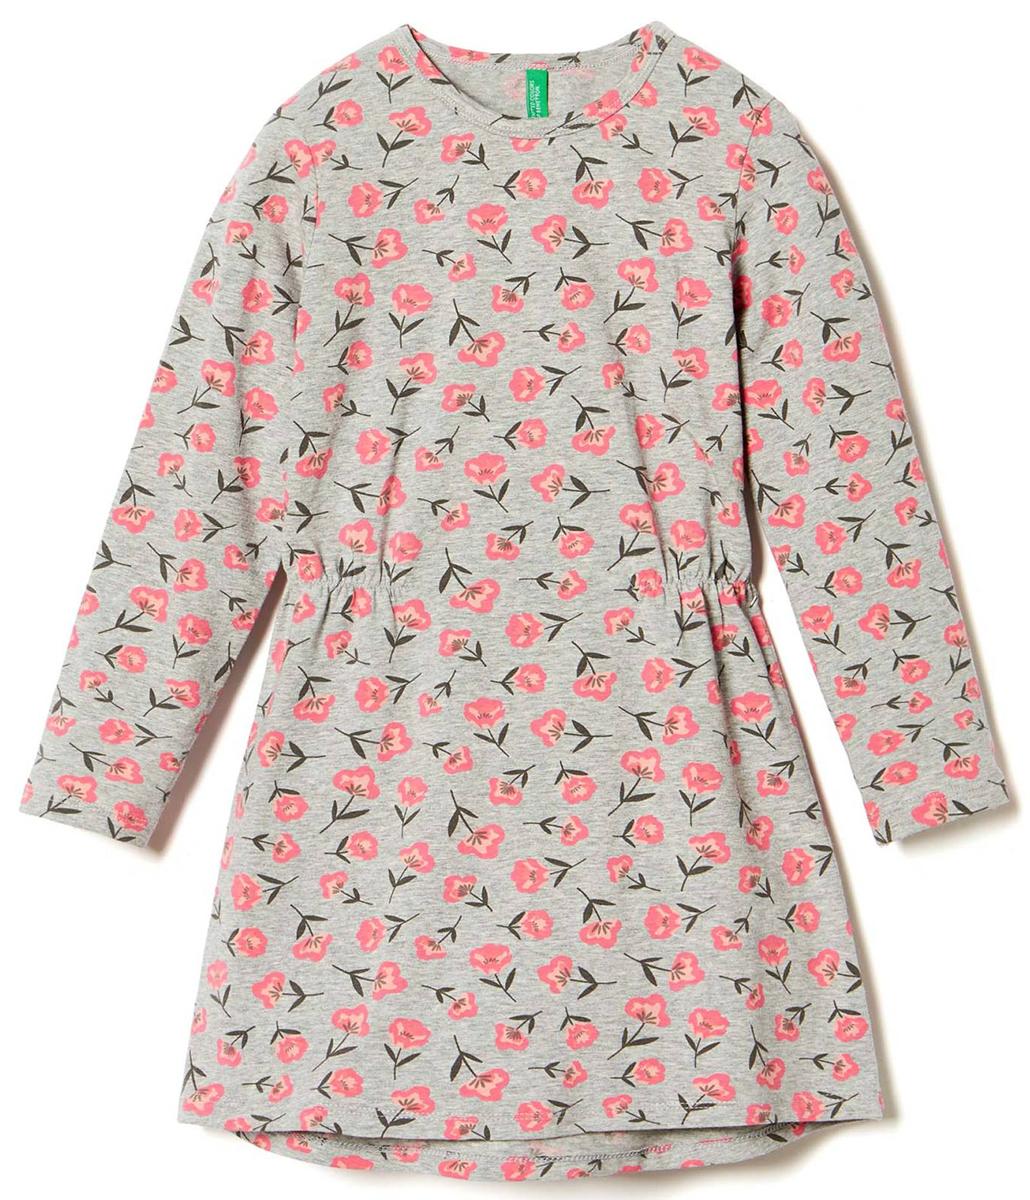 Платье для девочки United Colors of Benetton, цвет: светло-серый, розовый. 3DY2F12N6_925. Размер 903DY2F12N6_925Платье для девочки United Colors of Benetton выполнено из эластичного хлопка. Модель с круглым вырезом горловины и длинными рукавами оформлена оригинальным принтом.